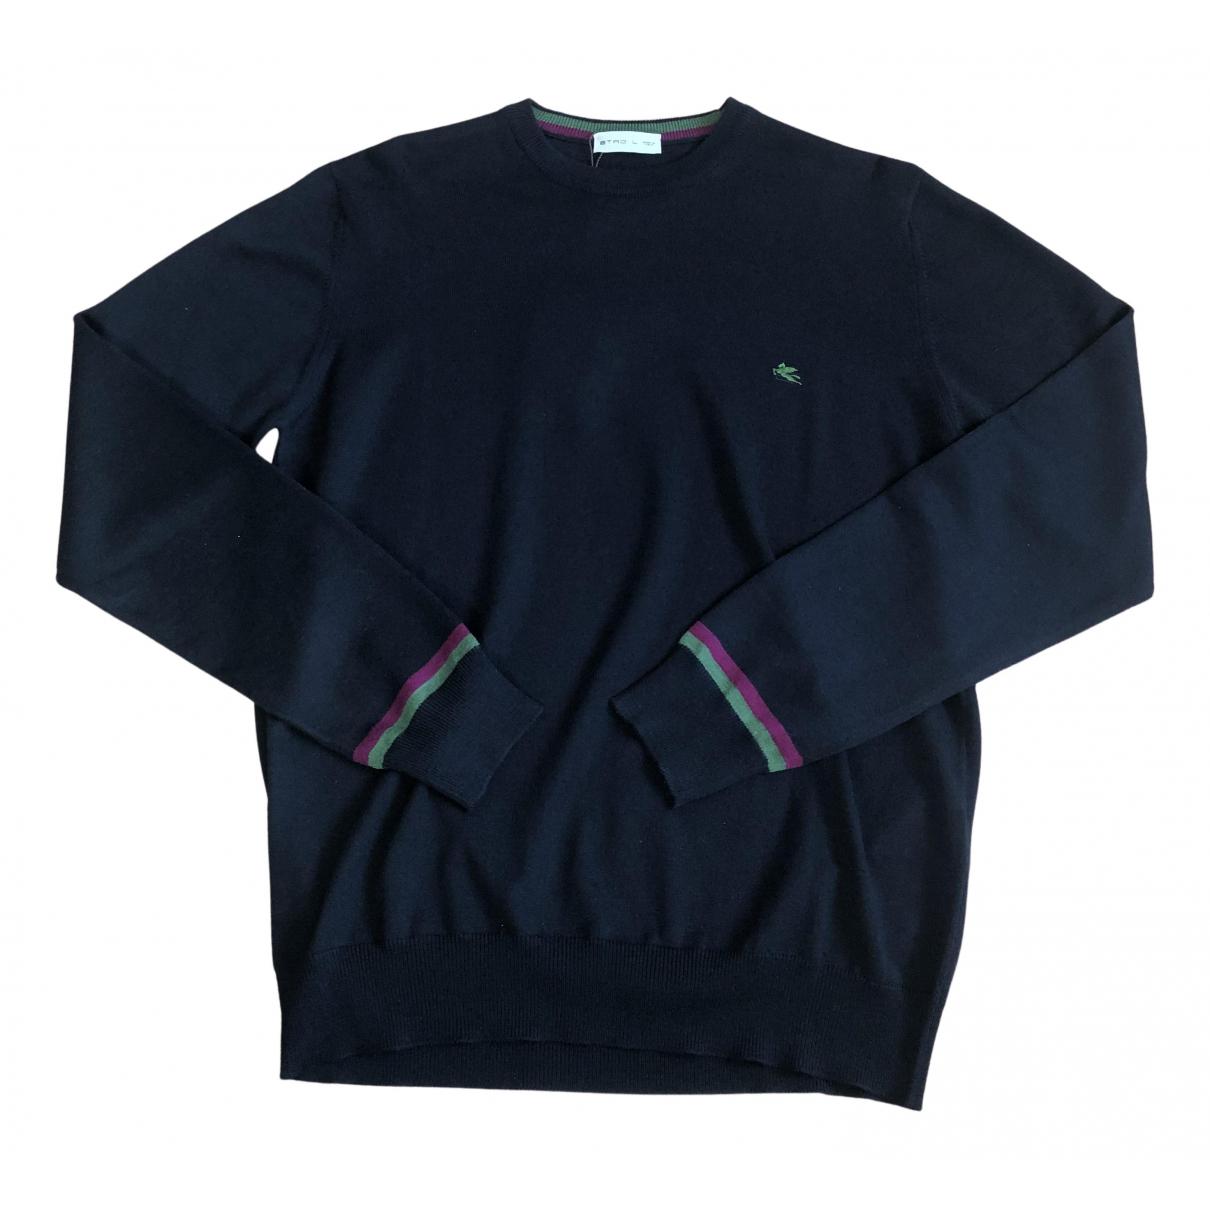 Etro - Pulls.Gilets.Sweats   pour homme en coton - noir